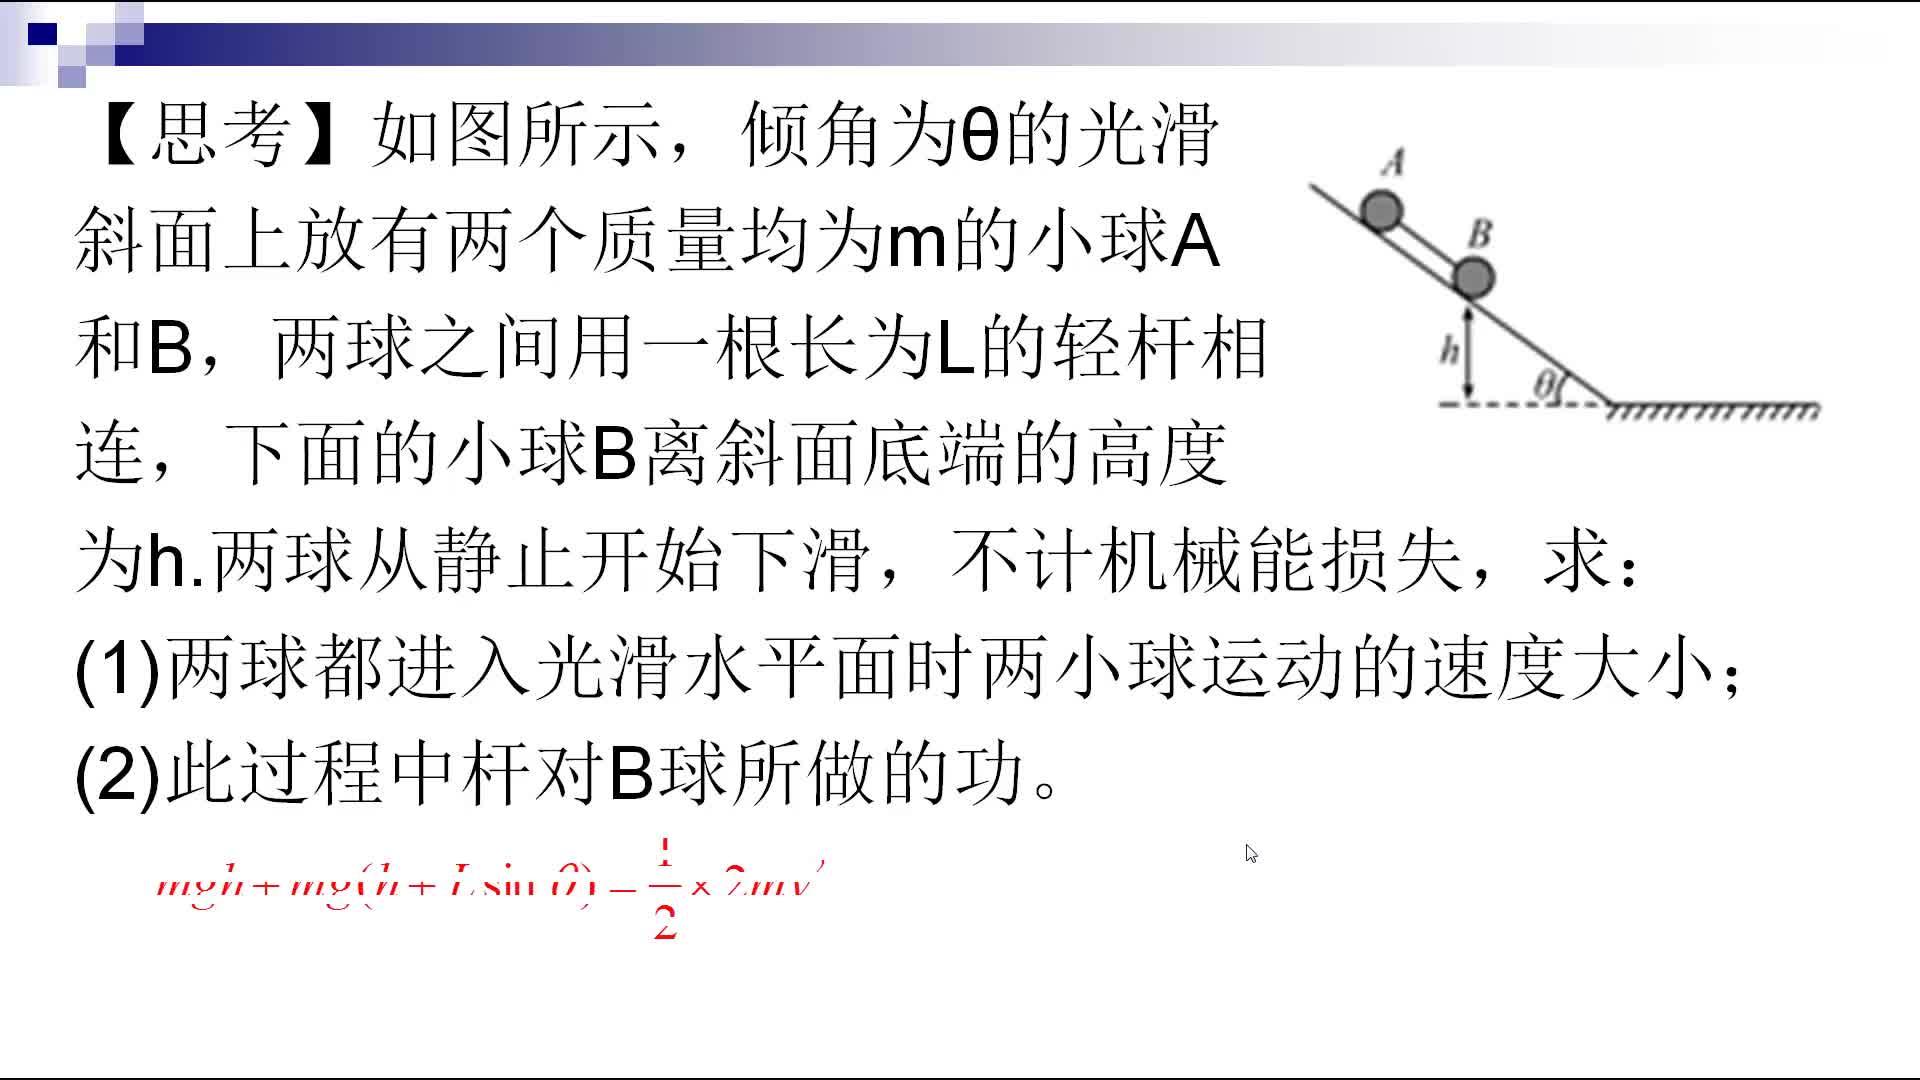 人教版高中物理必修二 机械能守恒定律7.8轻杆,小球,光滑斜面(机械能守恒定律难点辨析)-视频微课堂